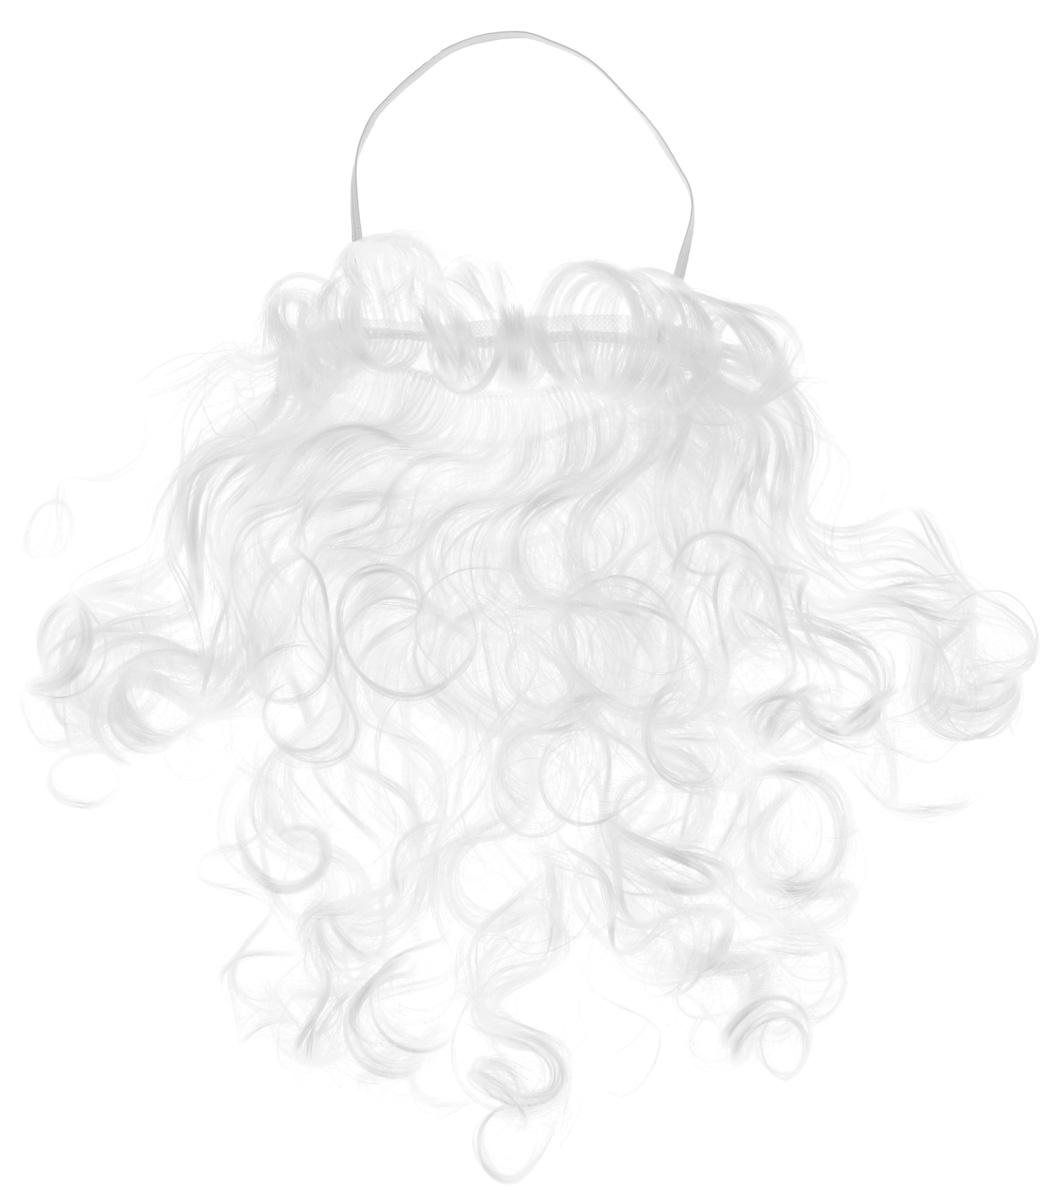 Карнавальная борода Sima-land Дед Мороз, длина 26 см новогодняя декоративная фигурка sima land дед мороз анимированная высота 28 см 827820